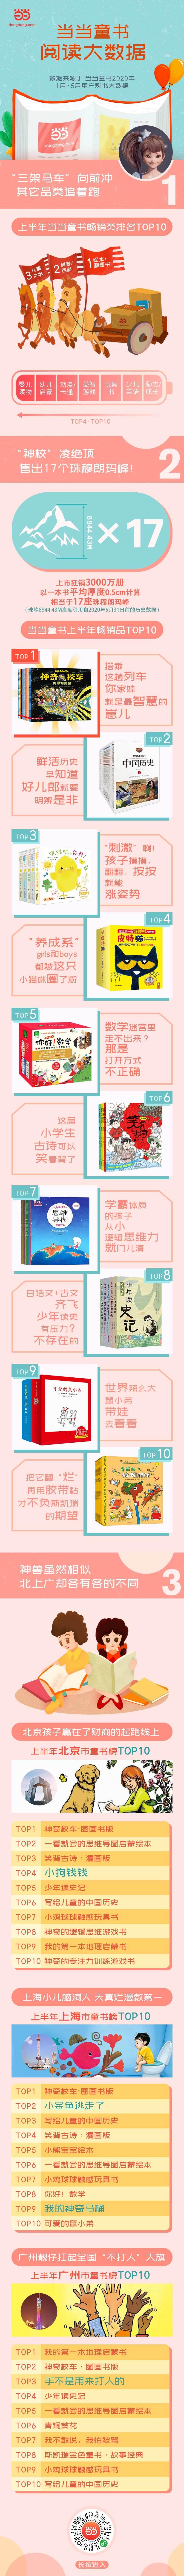 """神兽爱看哪些书?北京孩子赢在财商起跑线,上海小儿最天真,广州靓仔""""不打人"""""""